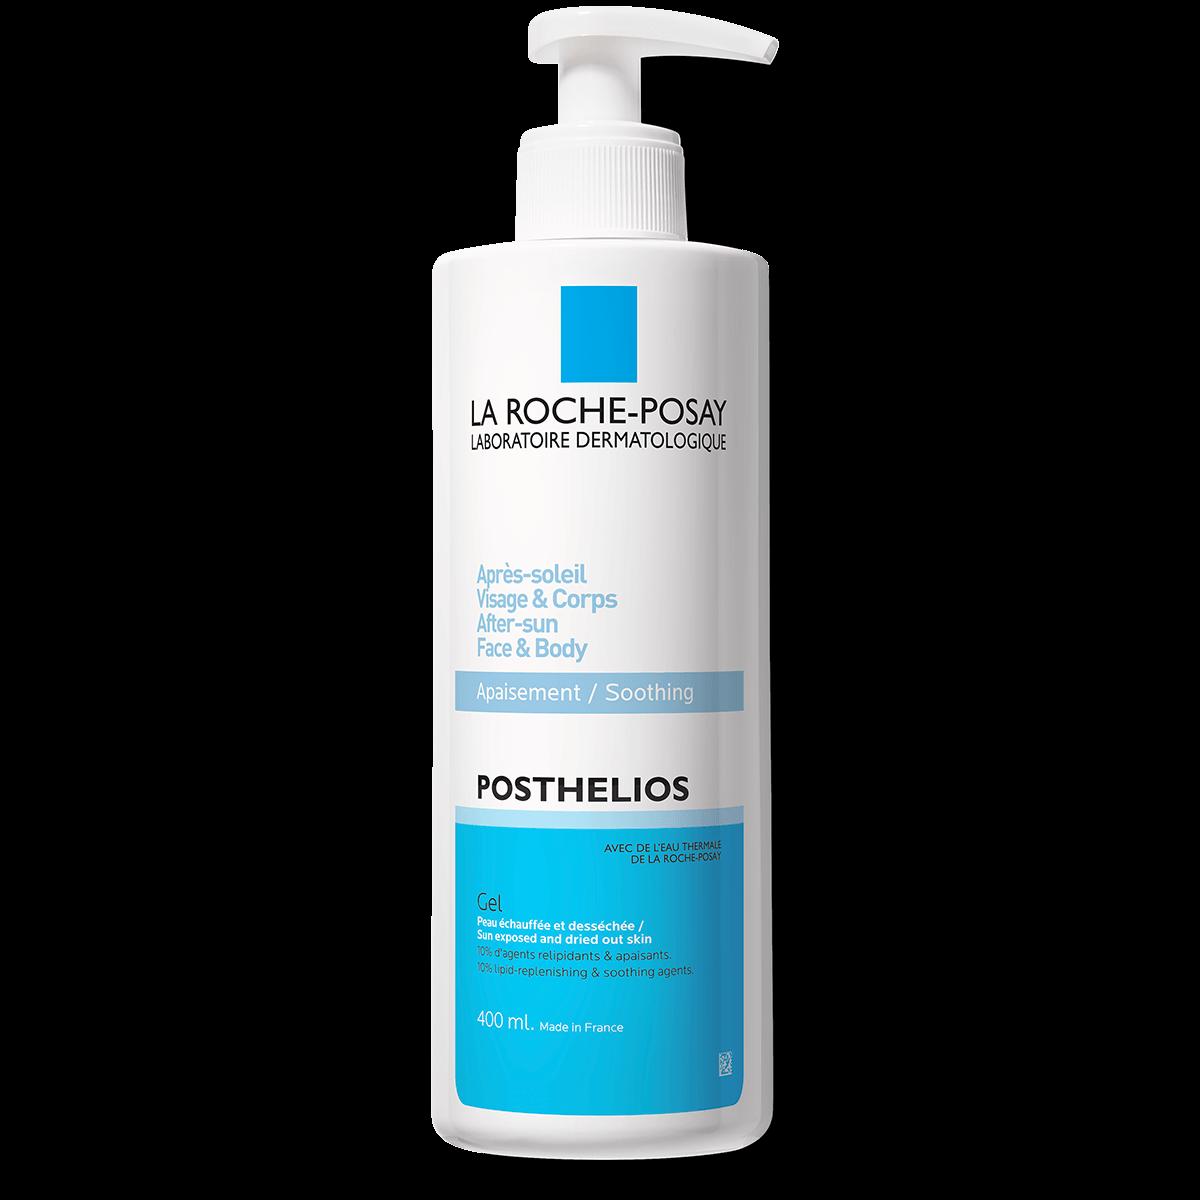 La Roche Posay StránkaProduktu Po slunění Posthelios Hydratační gel 400ml 3337